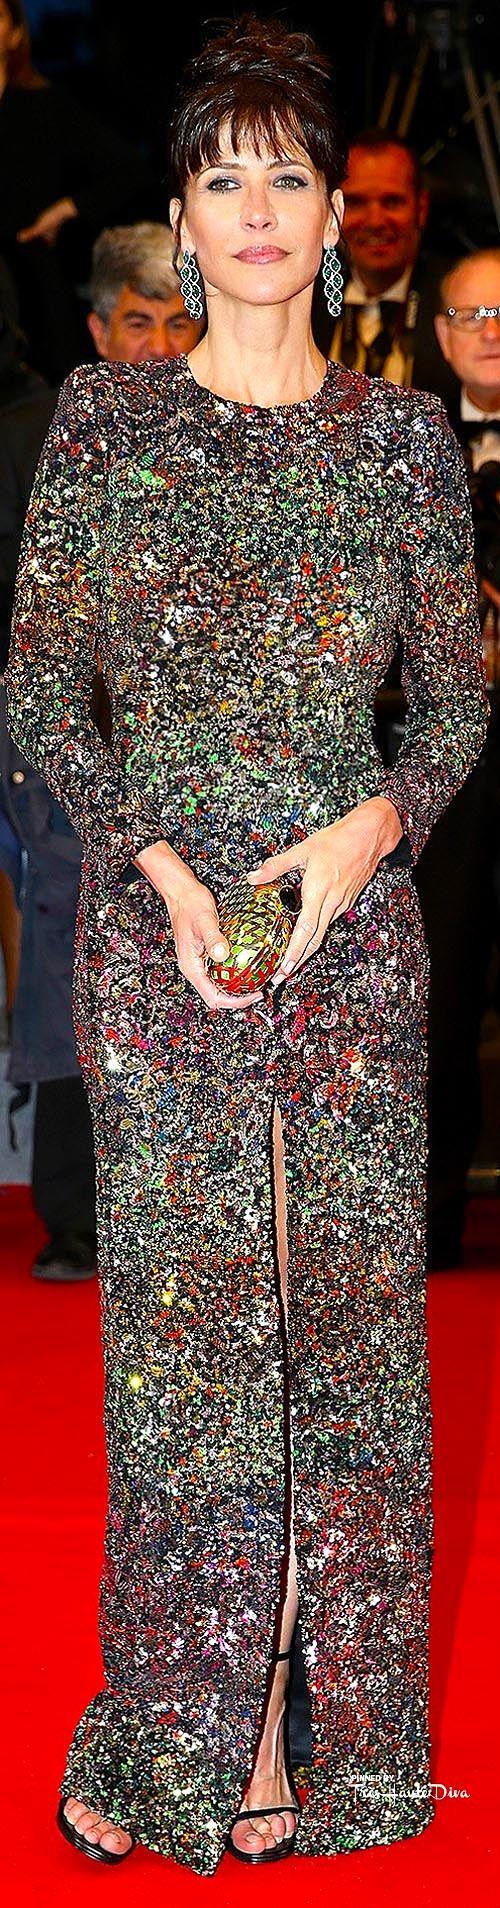 #Sophie #Marceau♔ Cannes Film Festival 2015 Red Carpet ♔ Très Haute Diva ♔ Getty